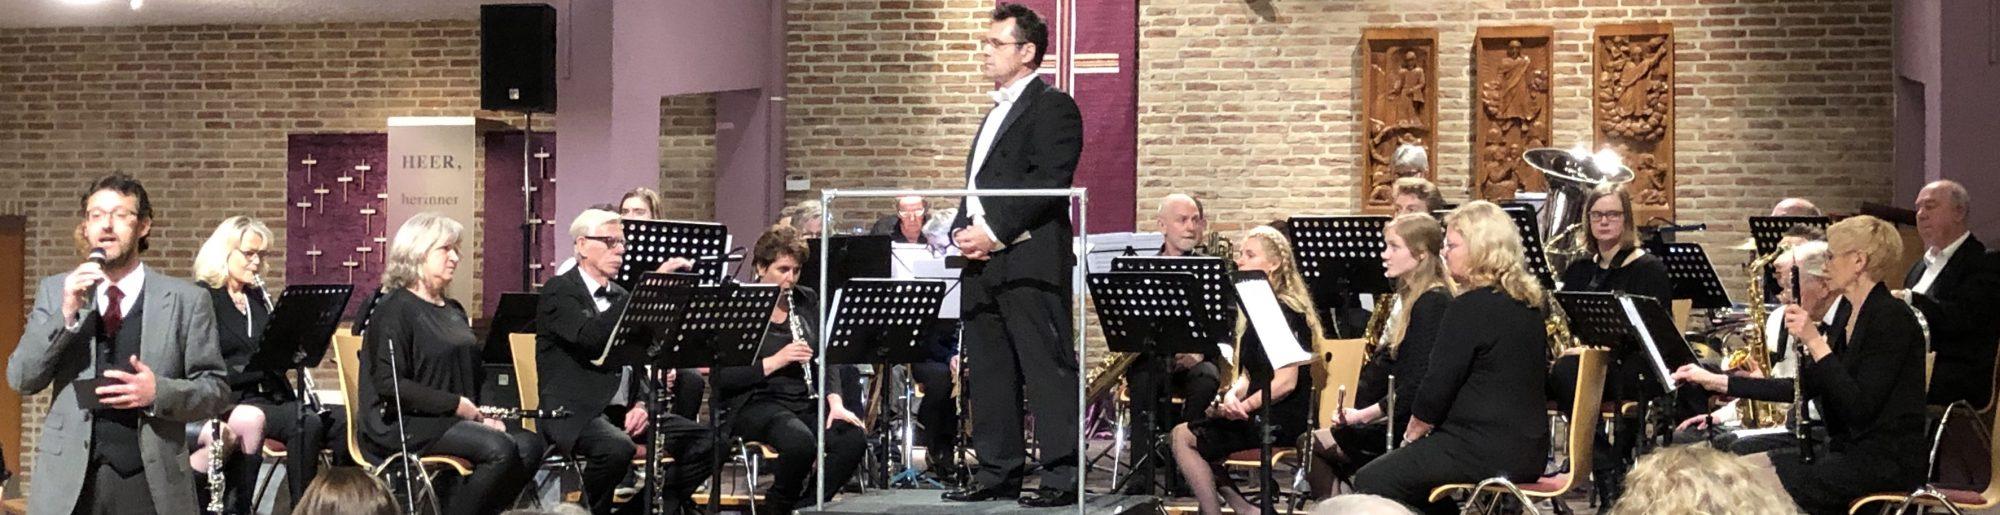 Muziekvereniging Kunst na Arbeid Maassluis